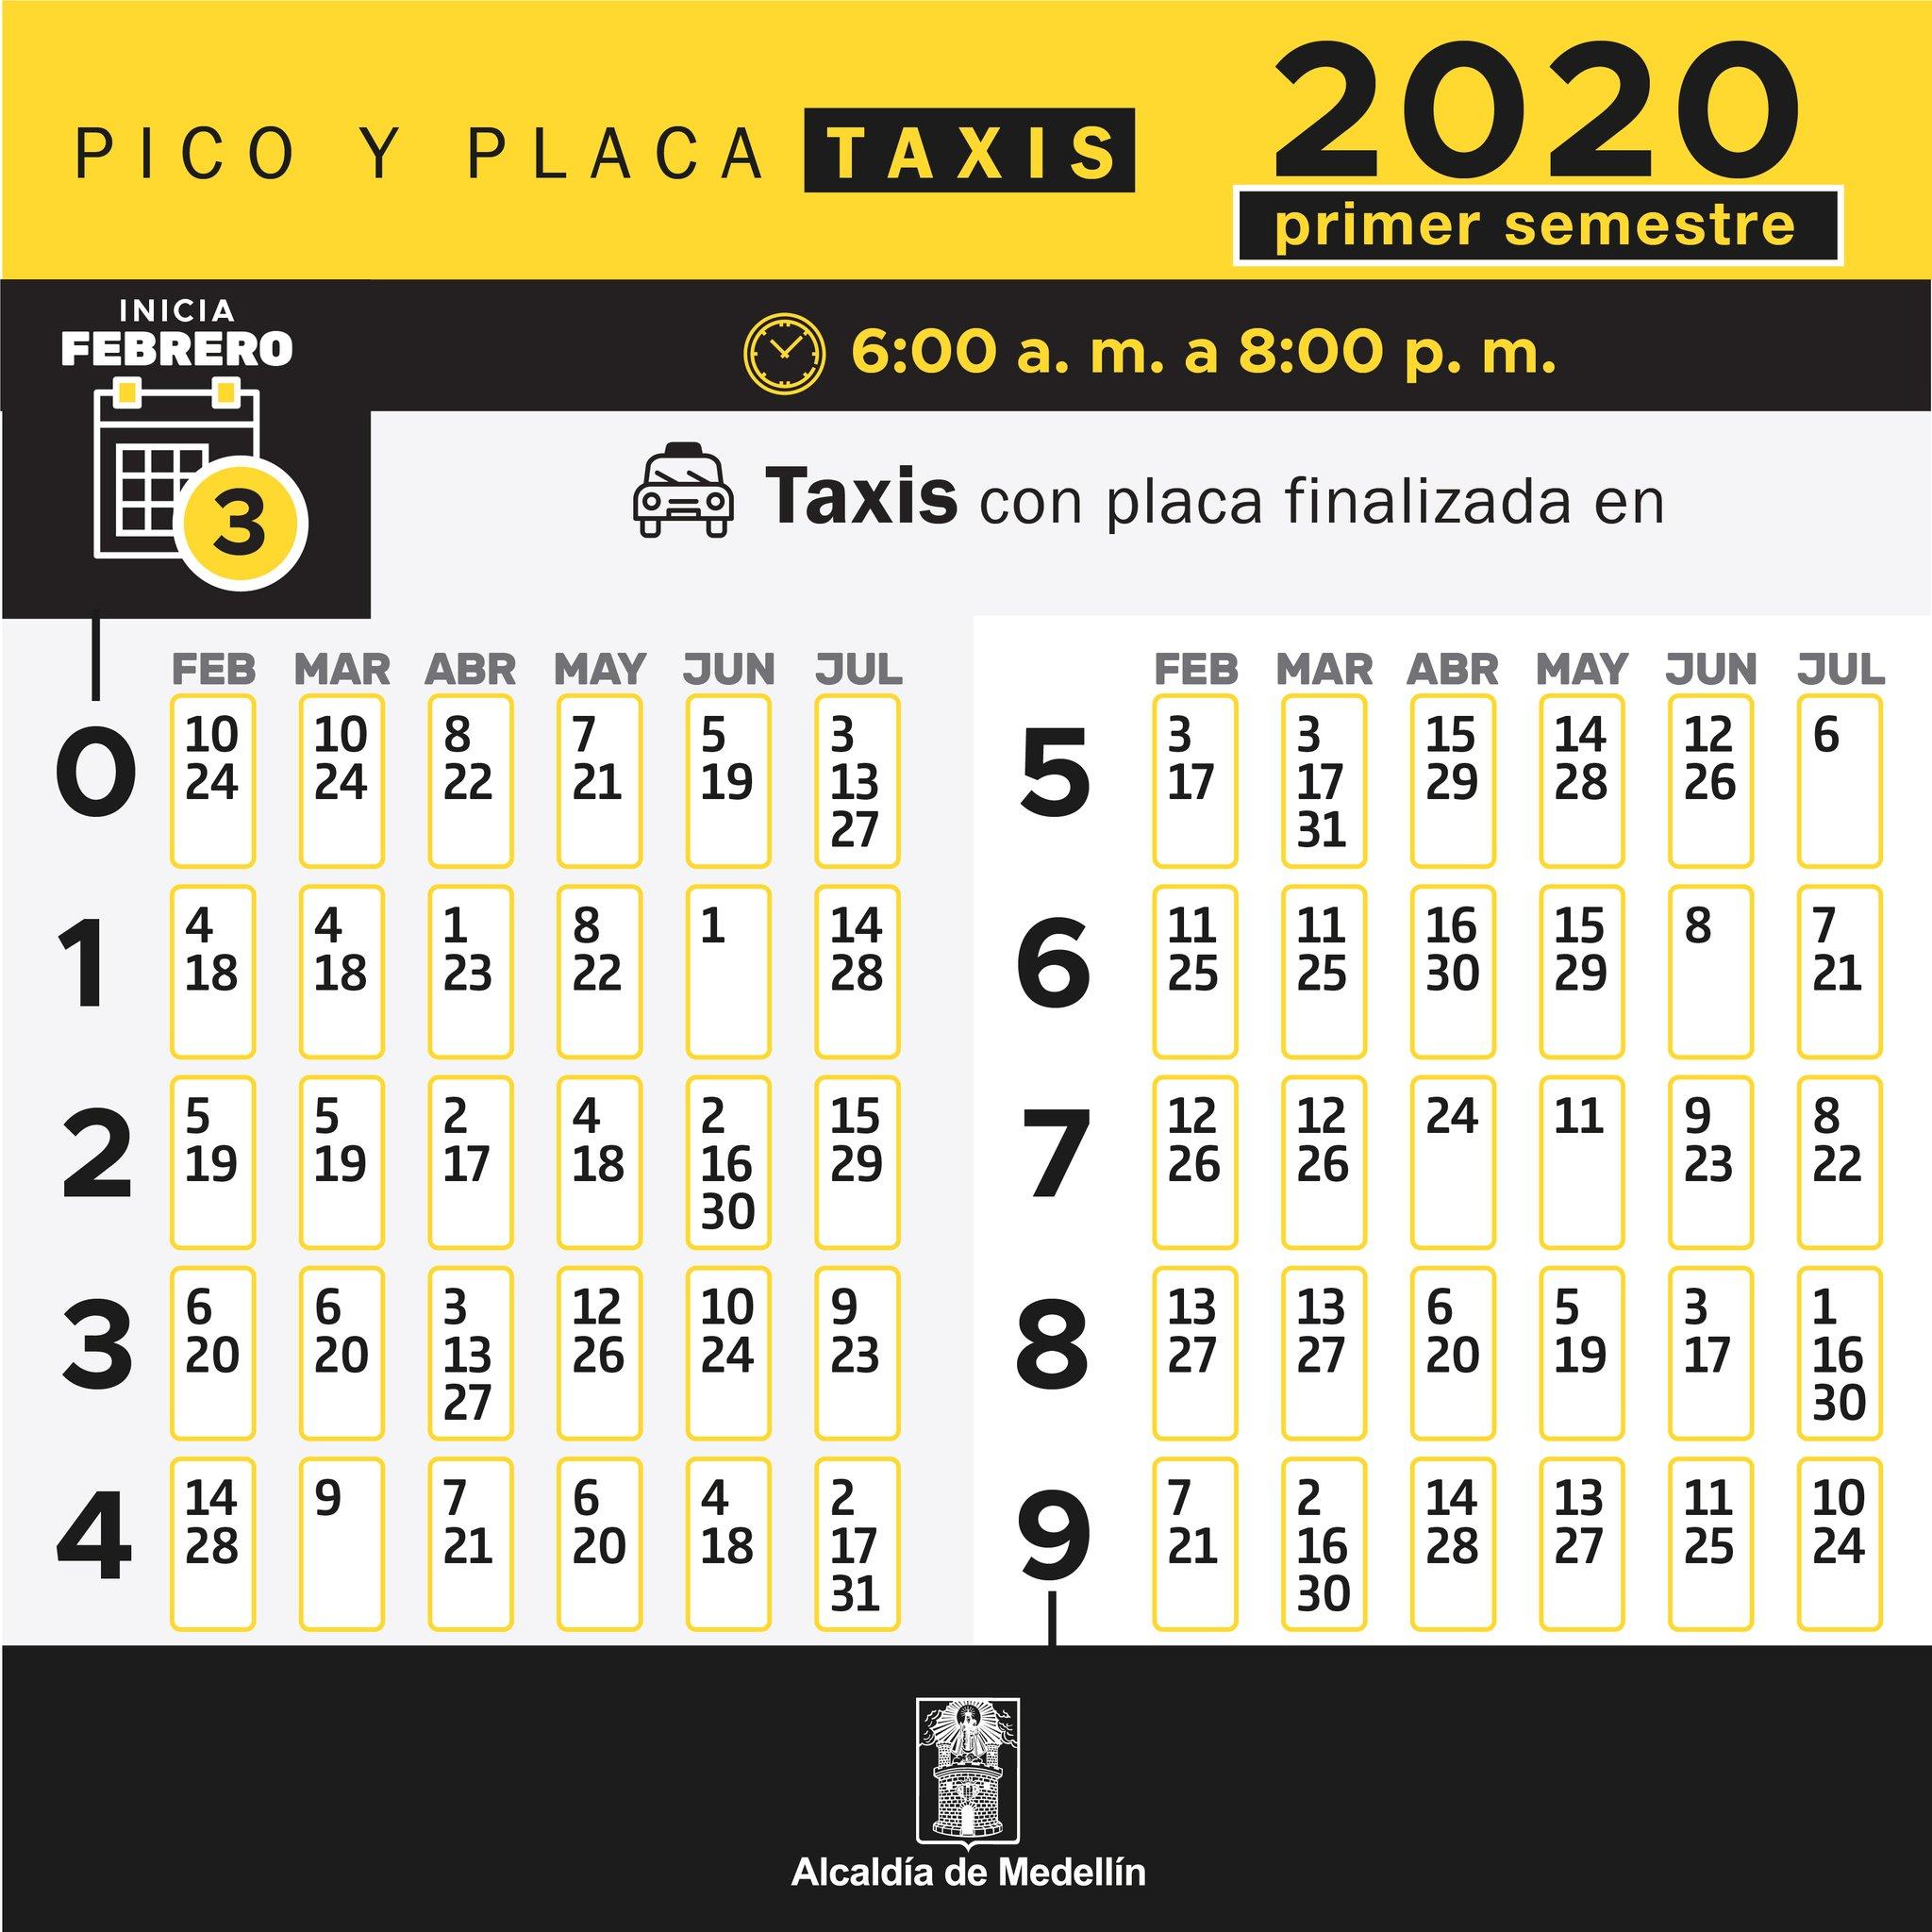 Rotación Pico y Placa taxis en Medellín